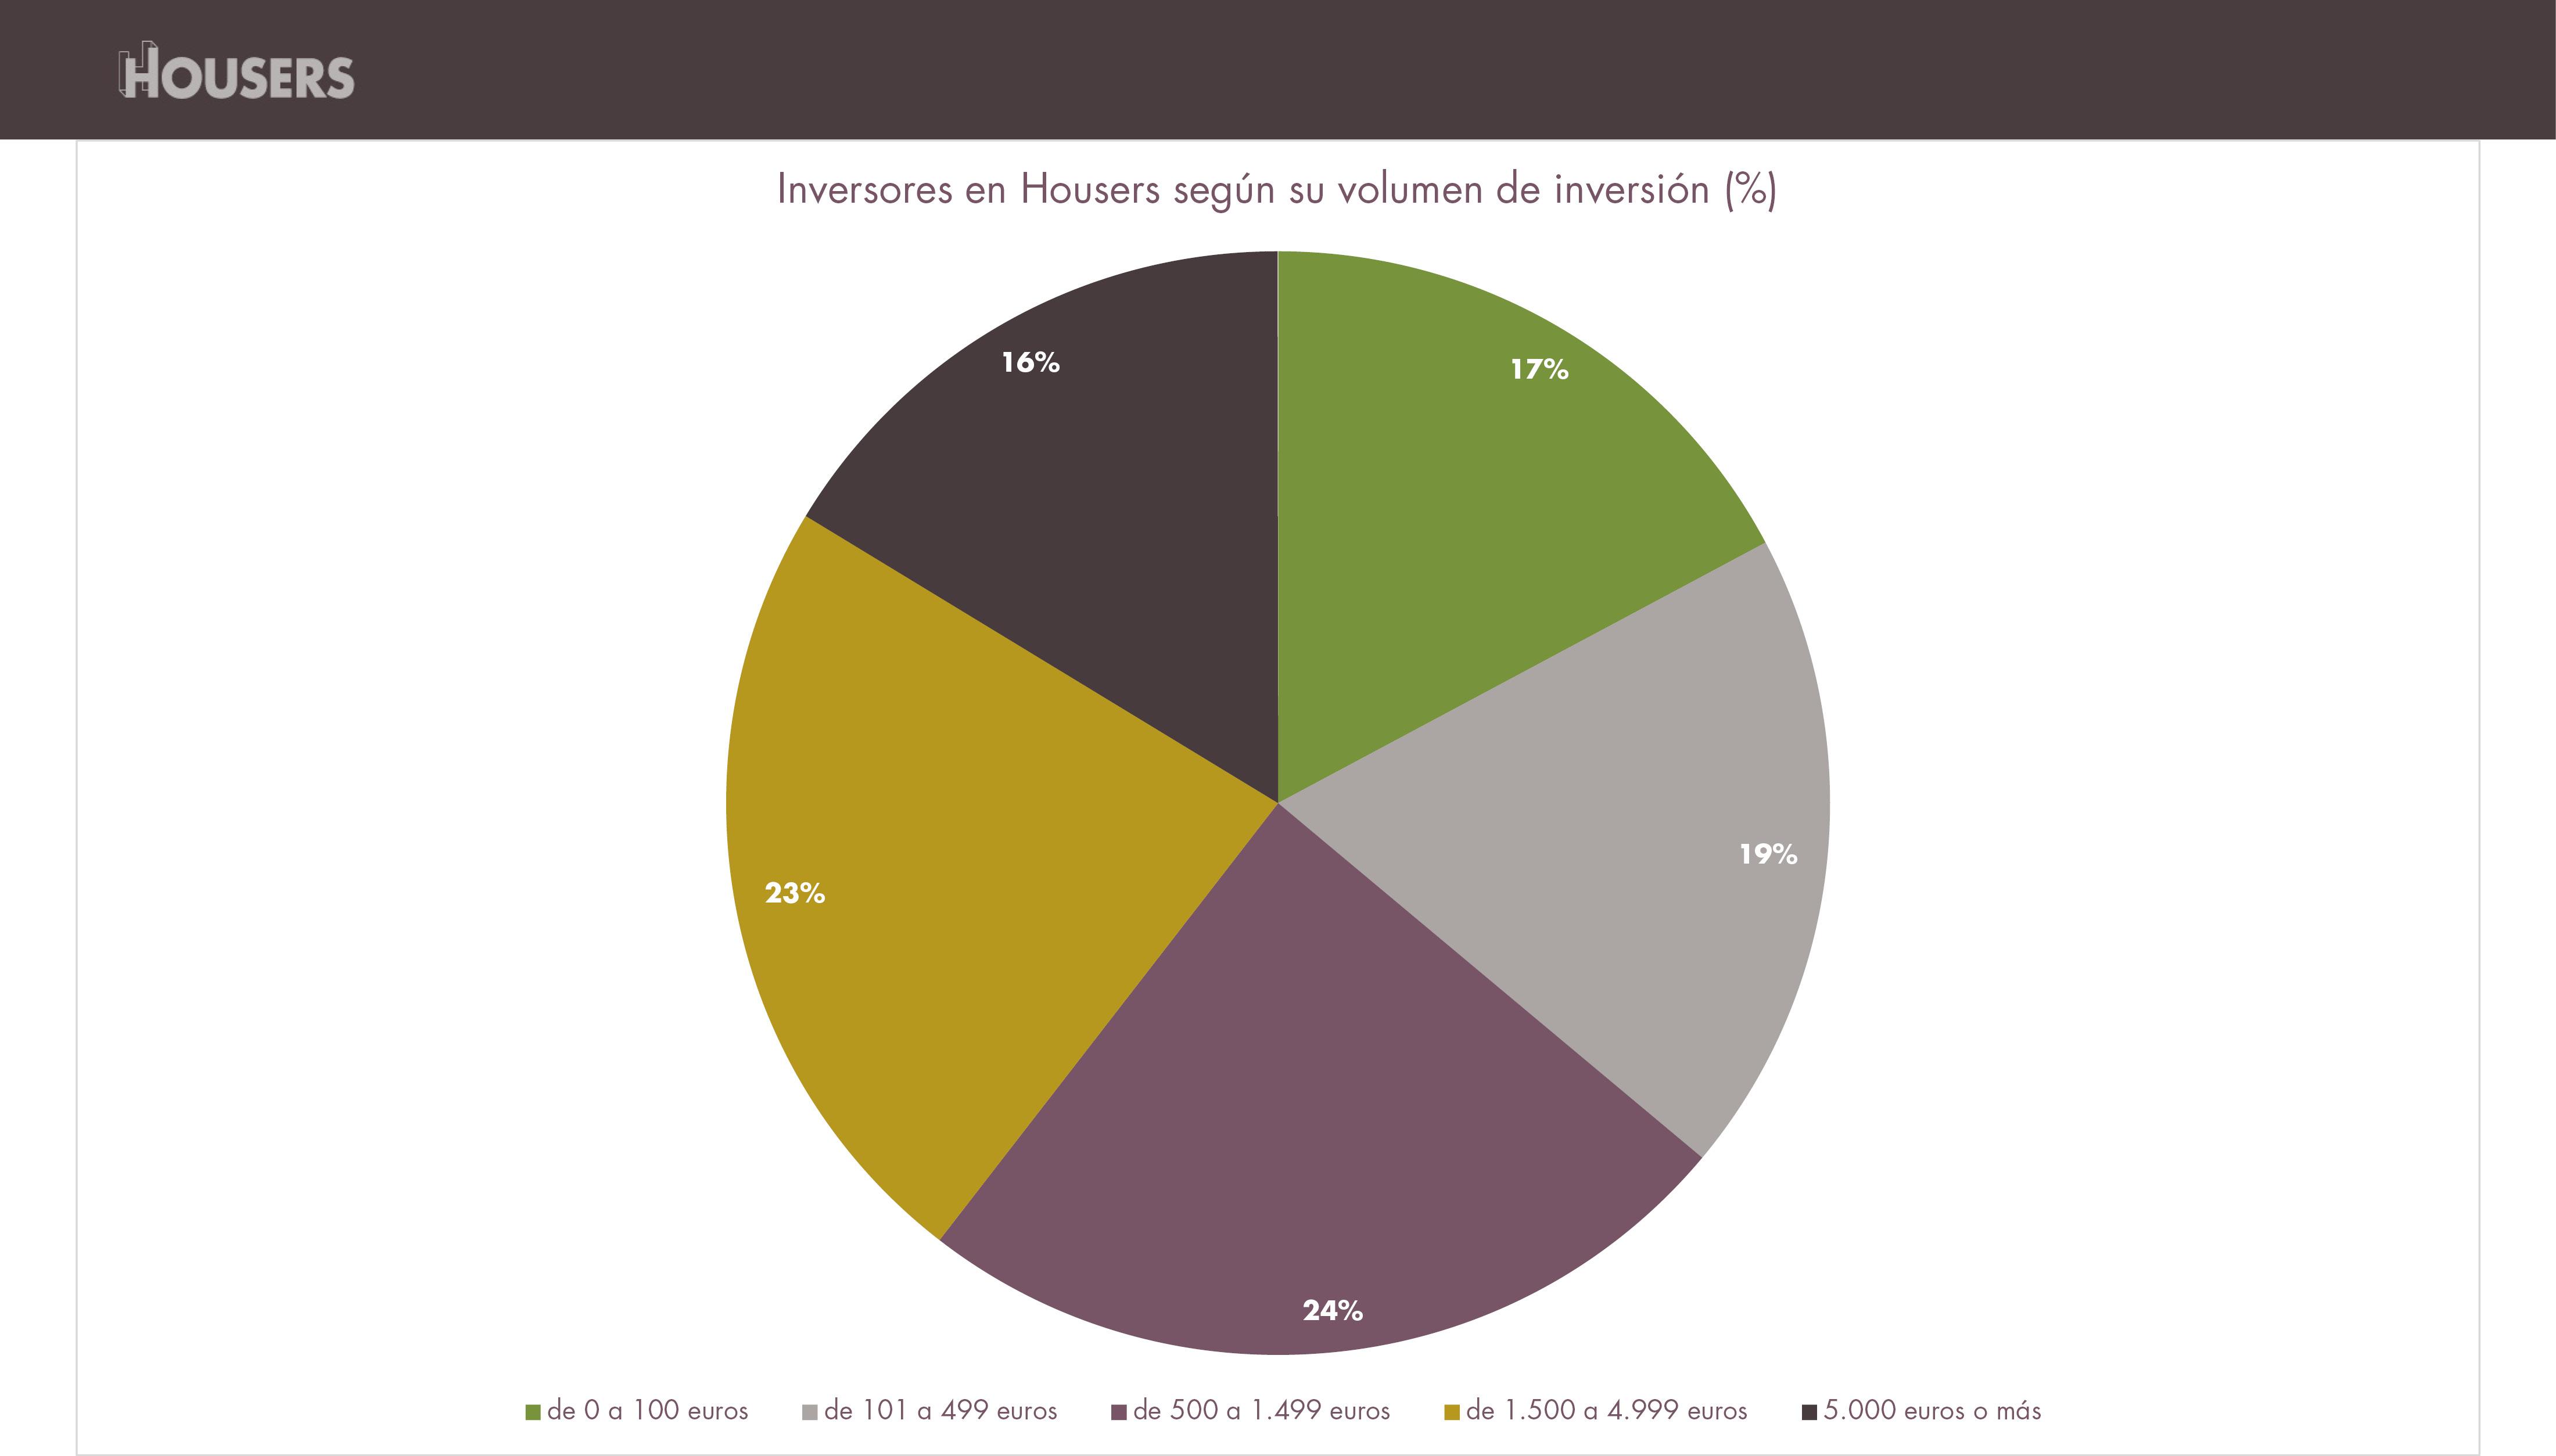 estadísticas de Housers de noviembre 2016-inversores-volumen-inversion